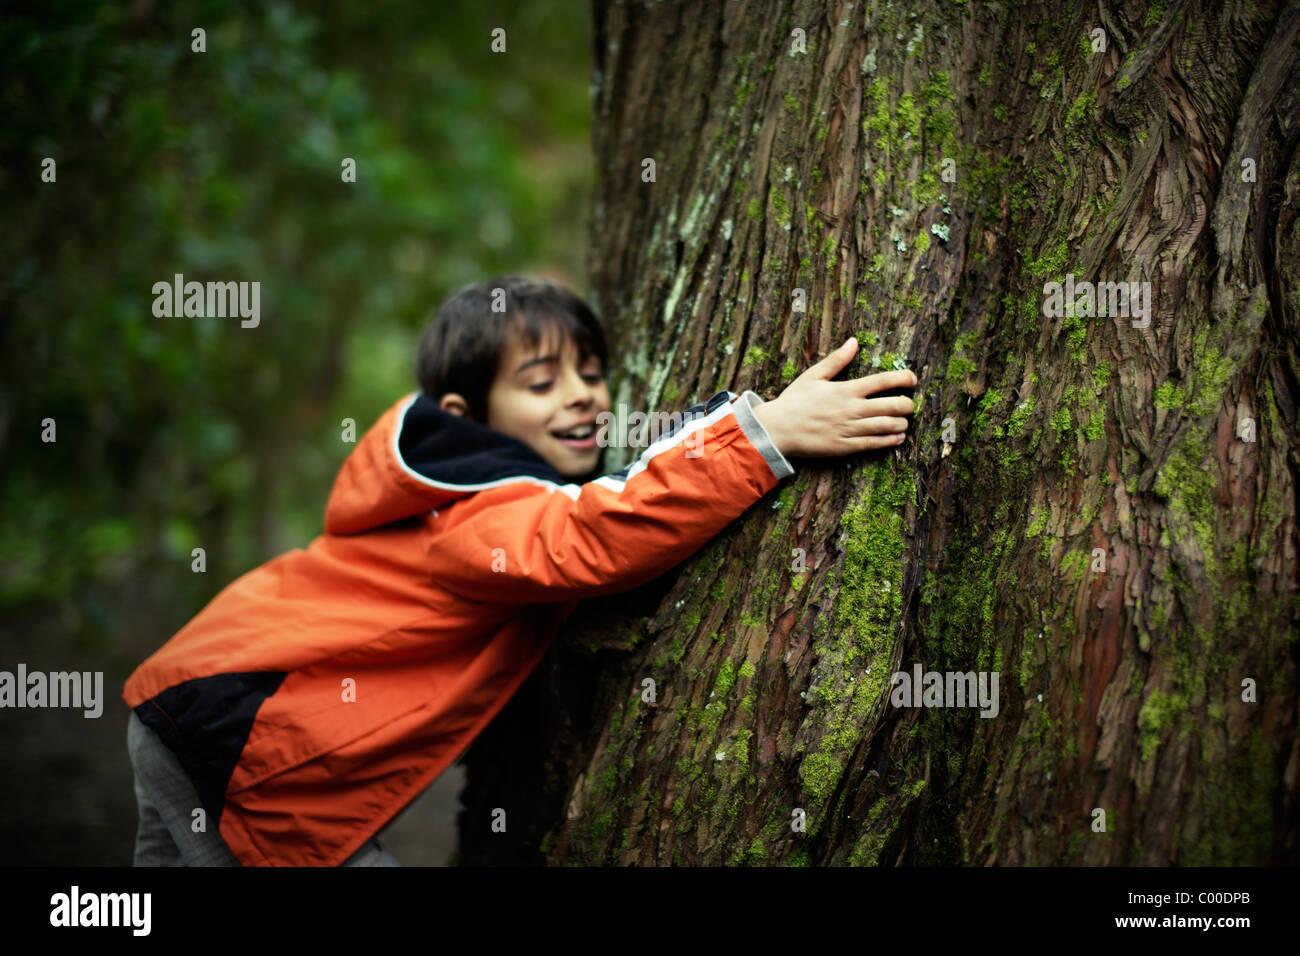 Baum-Liebe. Stockbild